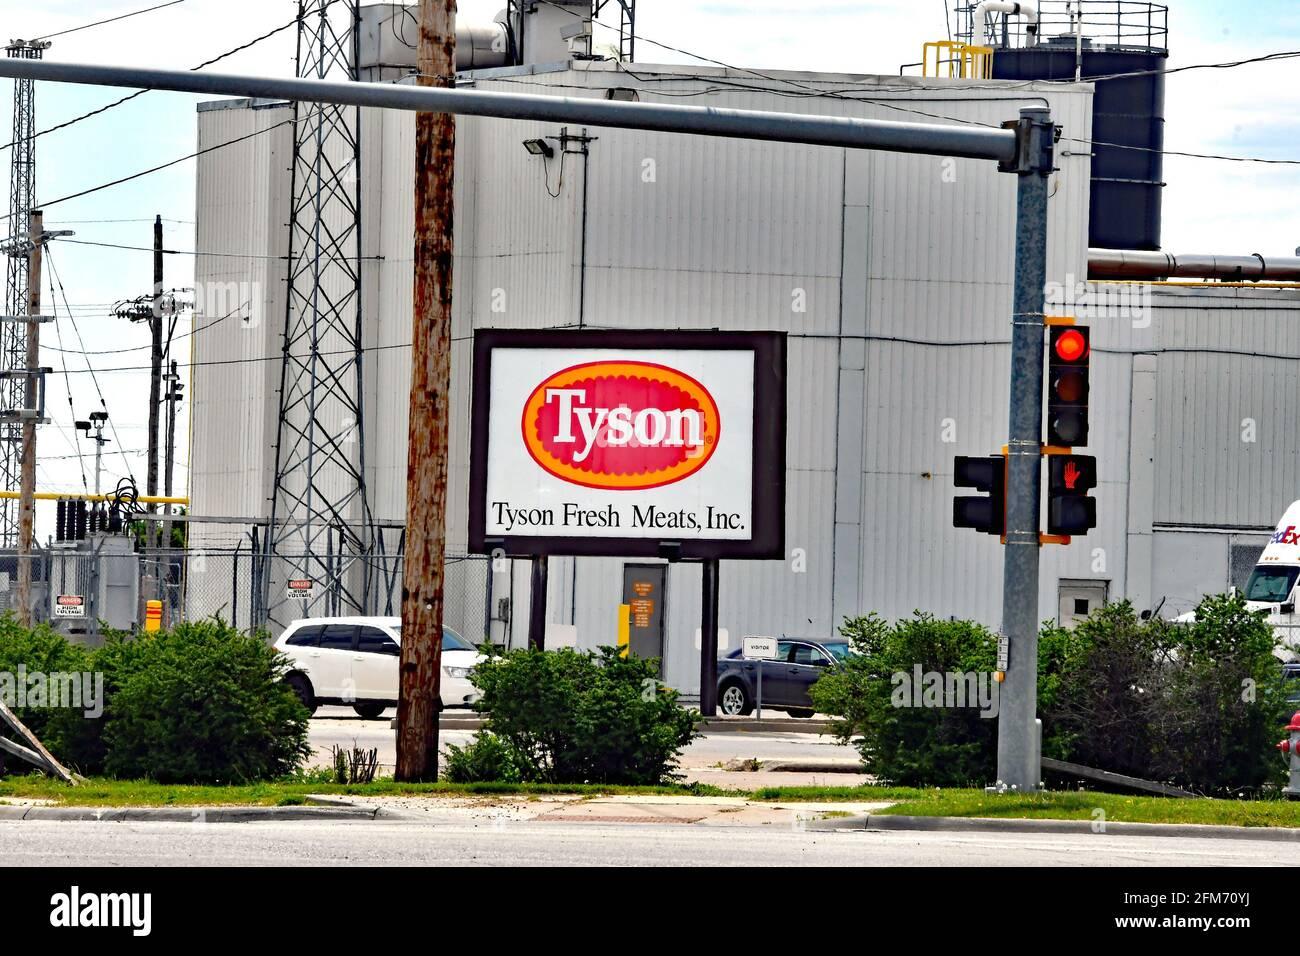 Emporia, KS, EE.UU. 6th de mayo de 2021. Vista de una planta de carnes frescas de Tyson en Emporia Kansas, 6 DE MAYO de 2021. Crédito: Mark Reinstein/Media Punch/Alamy Live News Foto de stock